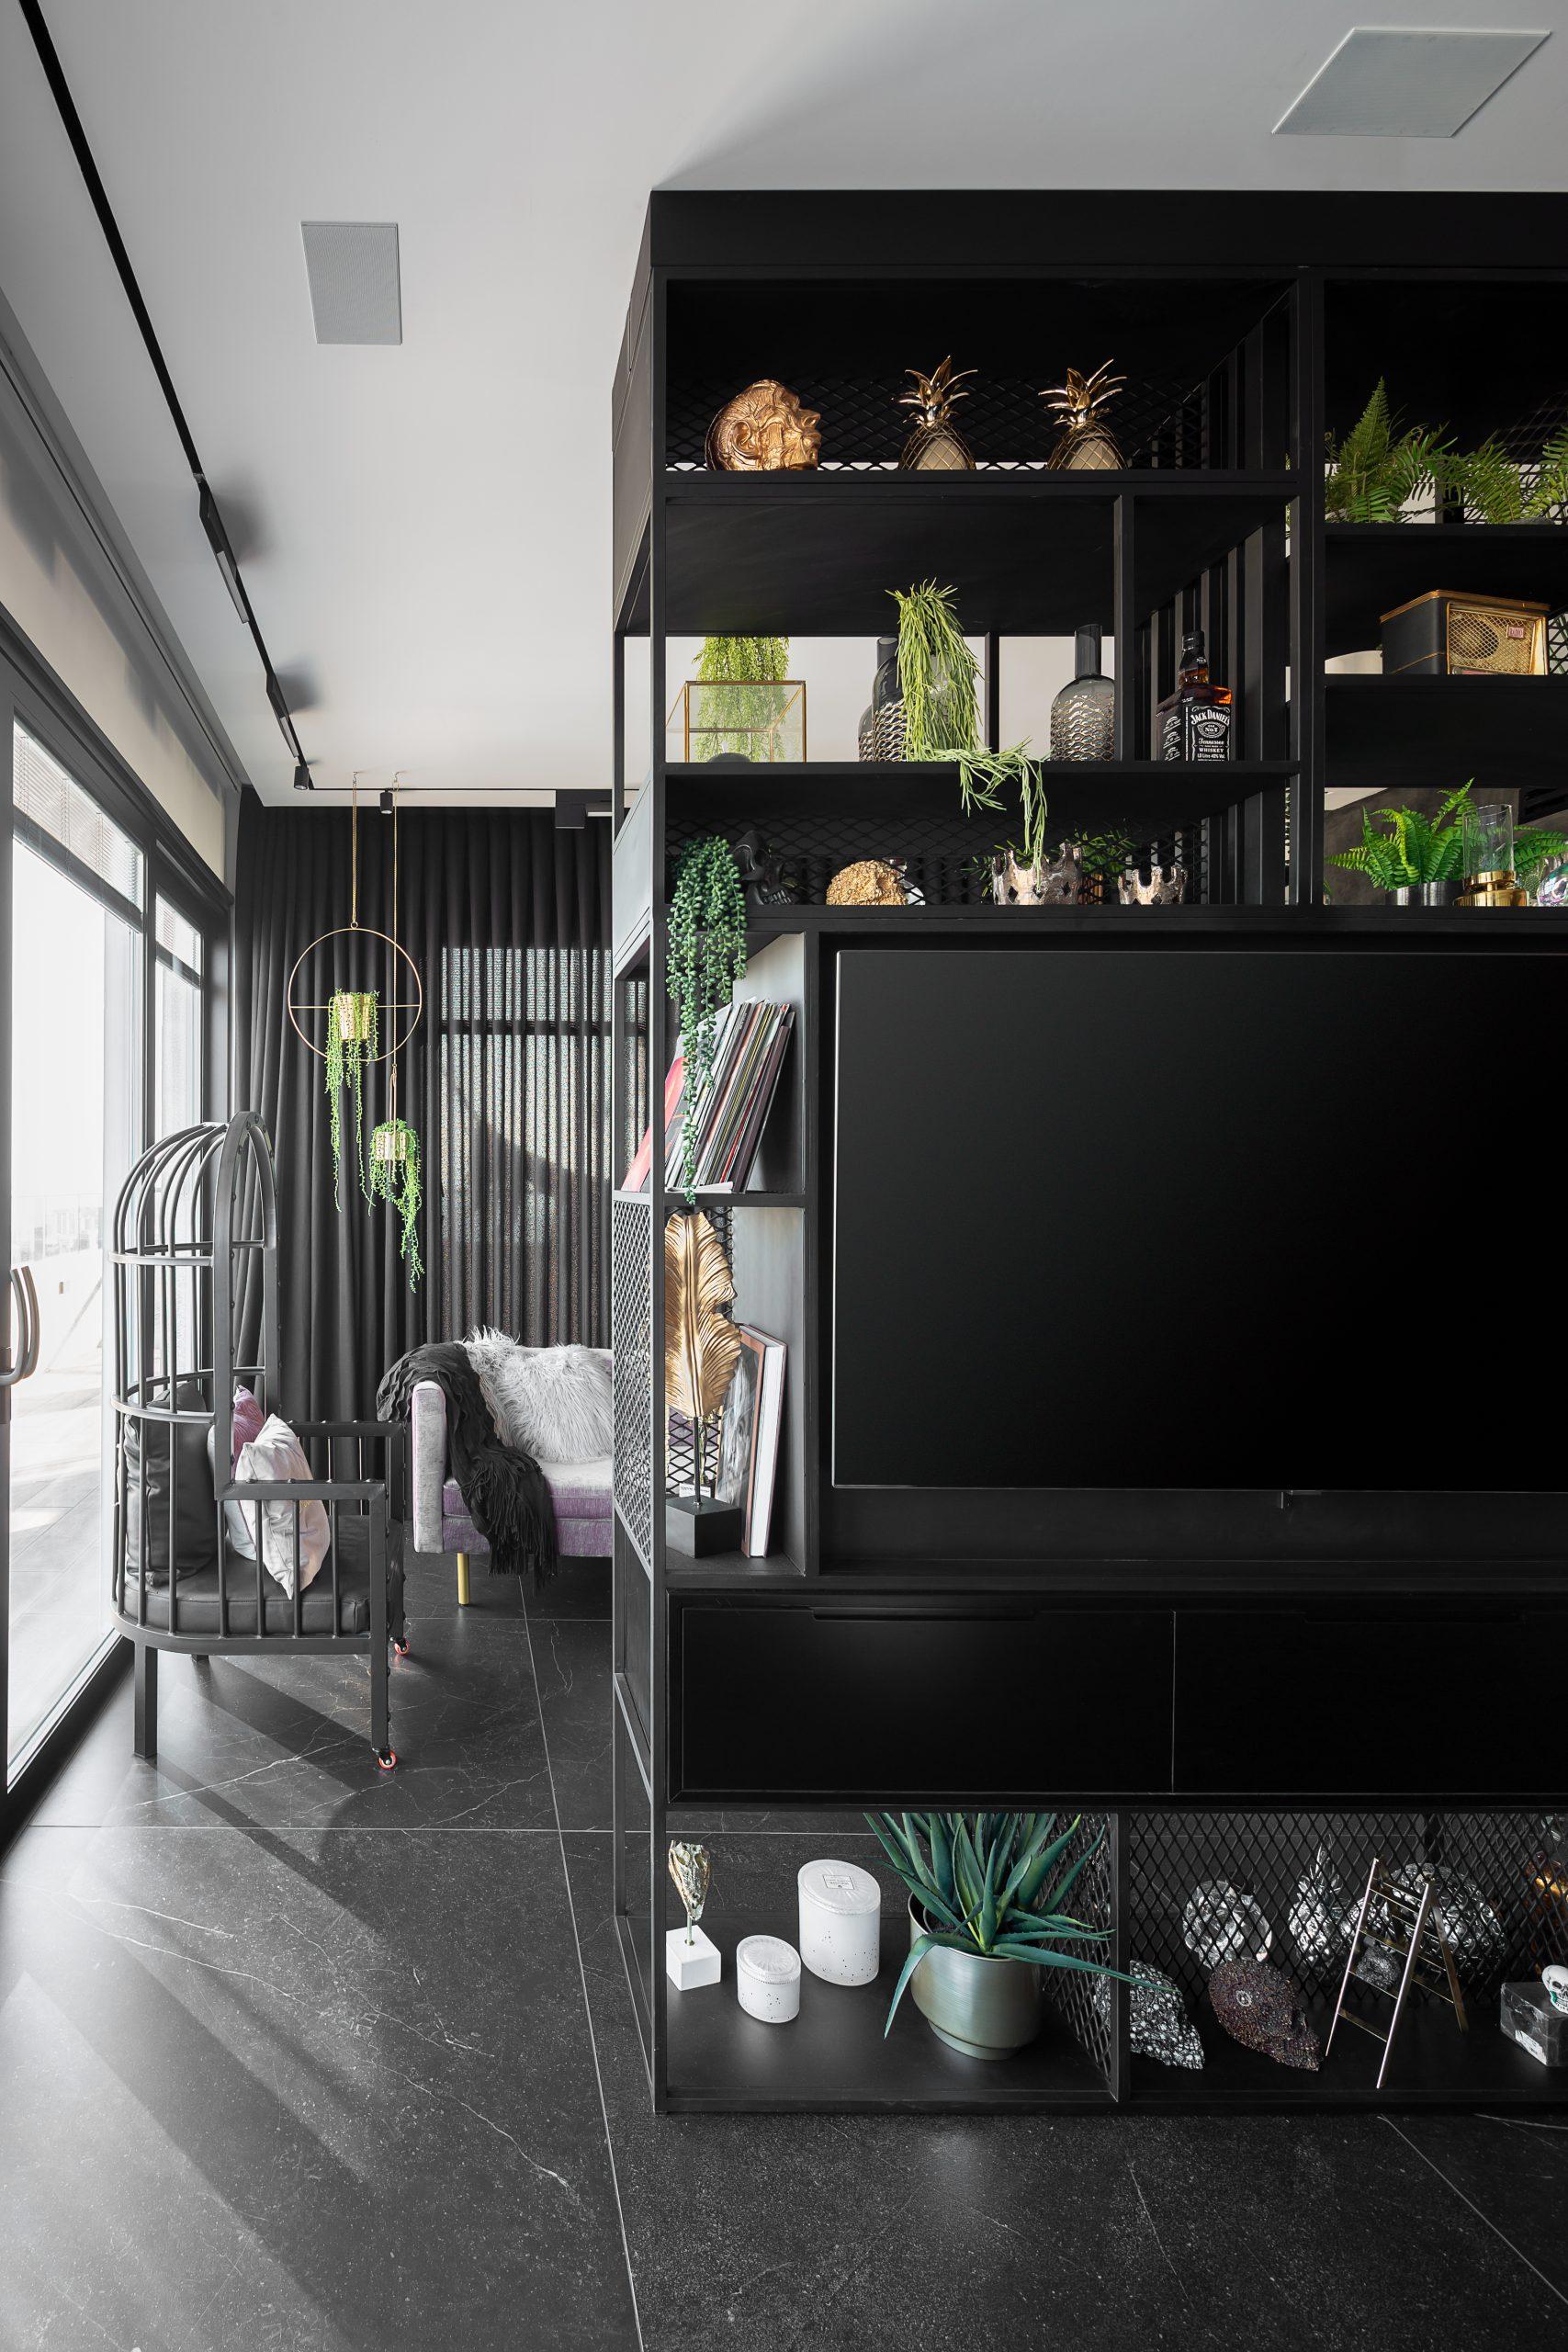 עיצוב מודרני בצבע שחור